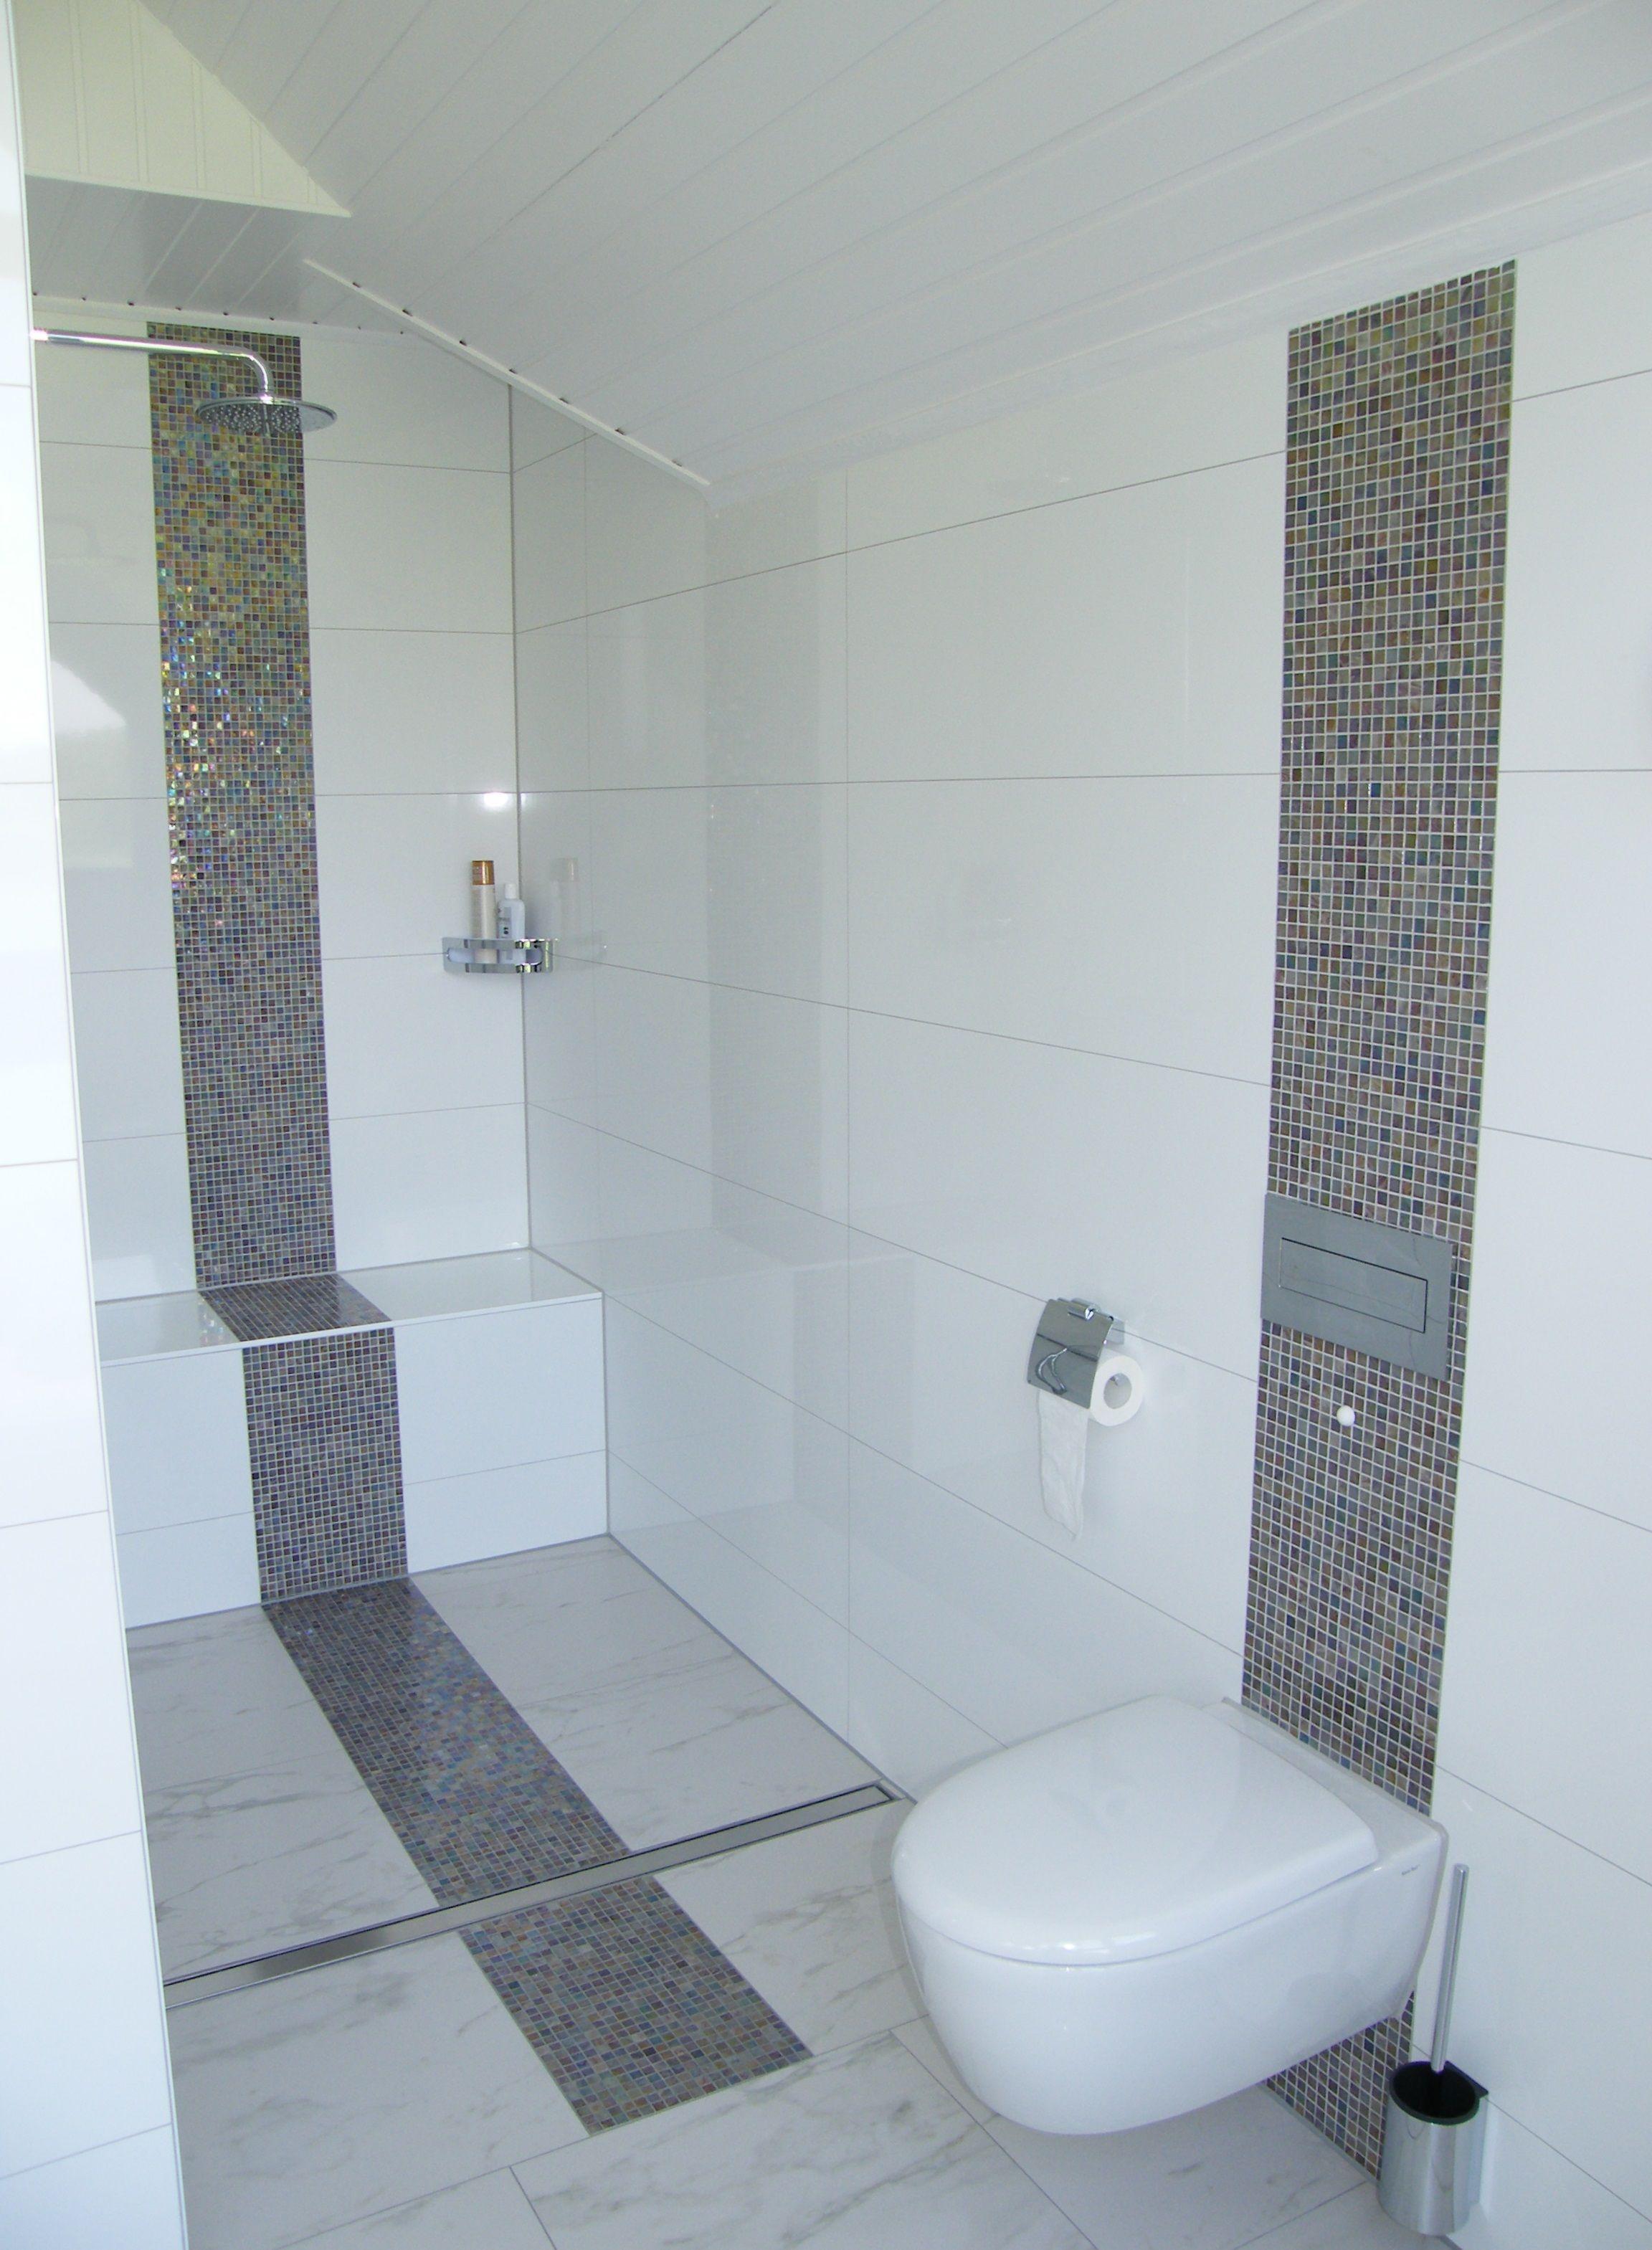 Ebenerdige Dusche Im Familienbad Ebenerdige Dusche Rote Badezimmer Badezimmer